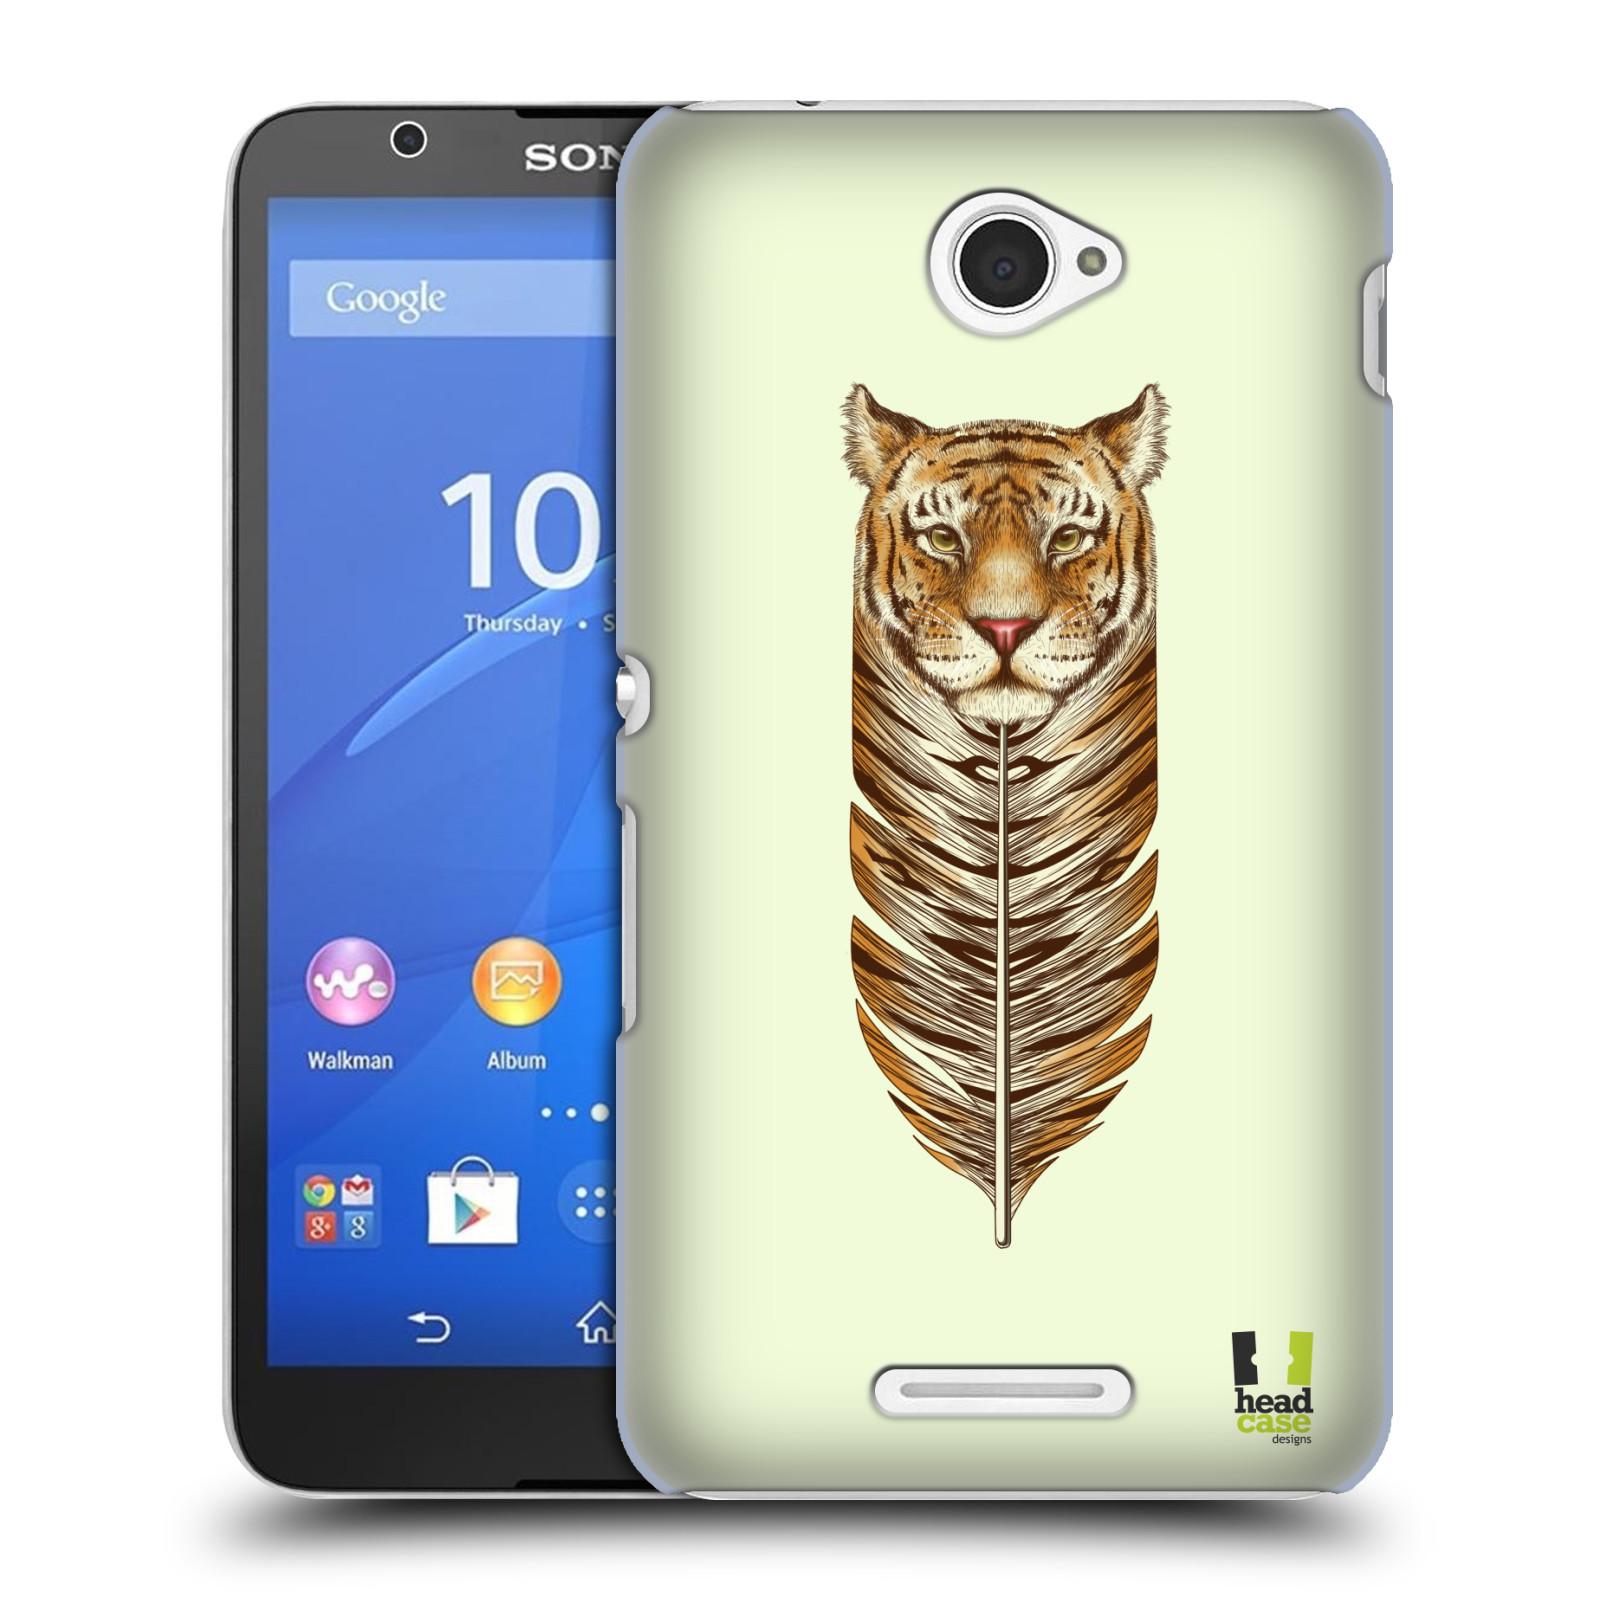 Plastové pouzdro na mobil Sony Xperia E4 E2105 HEAD CASE PÍRKO TYGR (Kryt či obal na mobilní telefon Sony Xperia E4 a E4 Dual SIM)